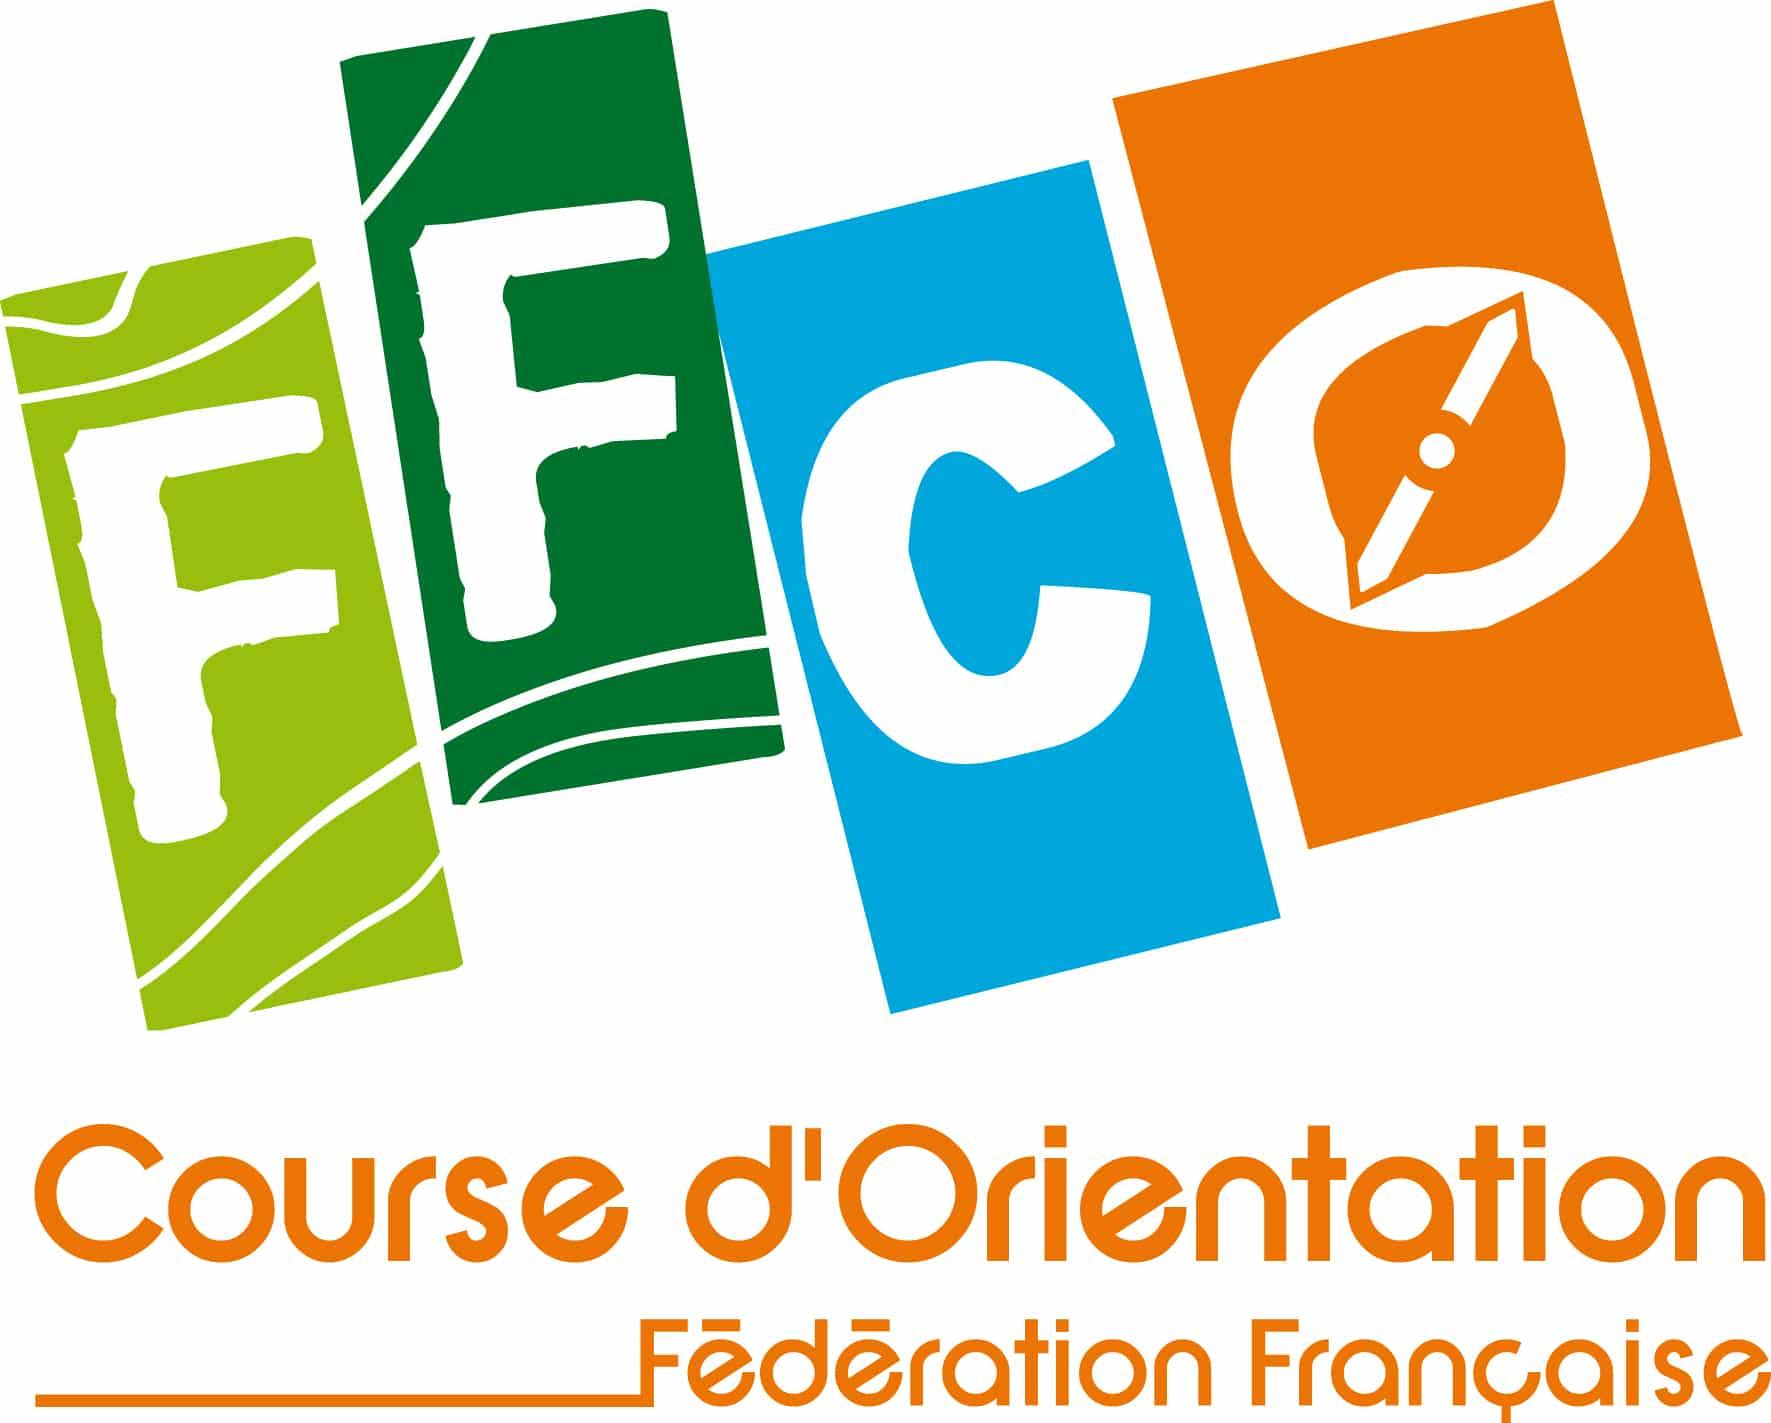 Fédération Française de Course d'Orientation